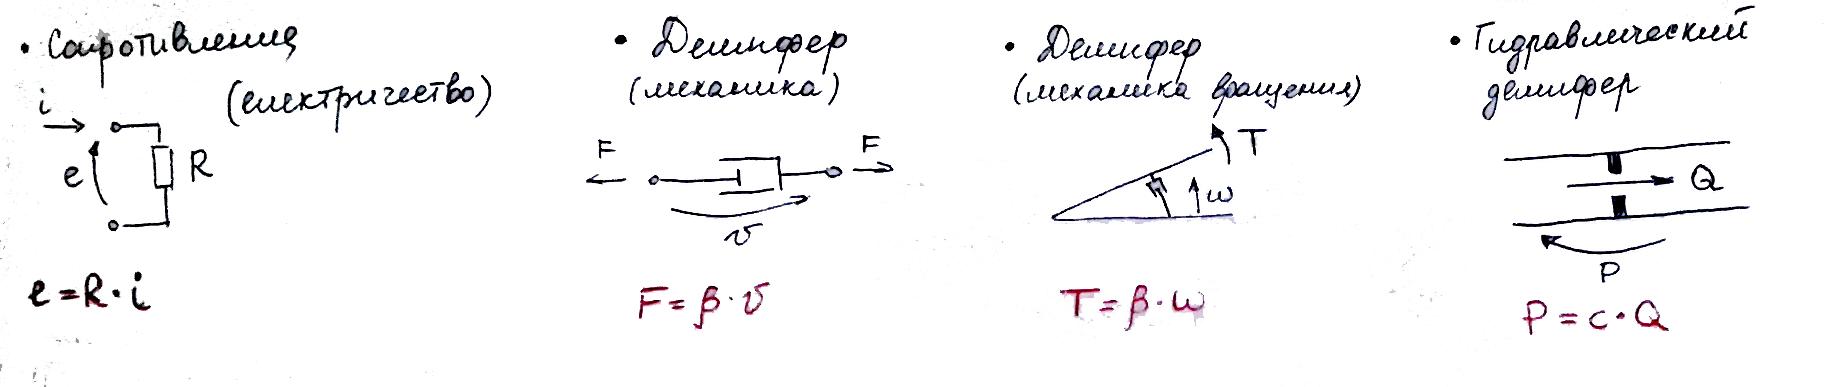 Моделирование динамических систем (метод Лагранжа и Bond graph approach) - 30